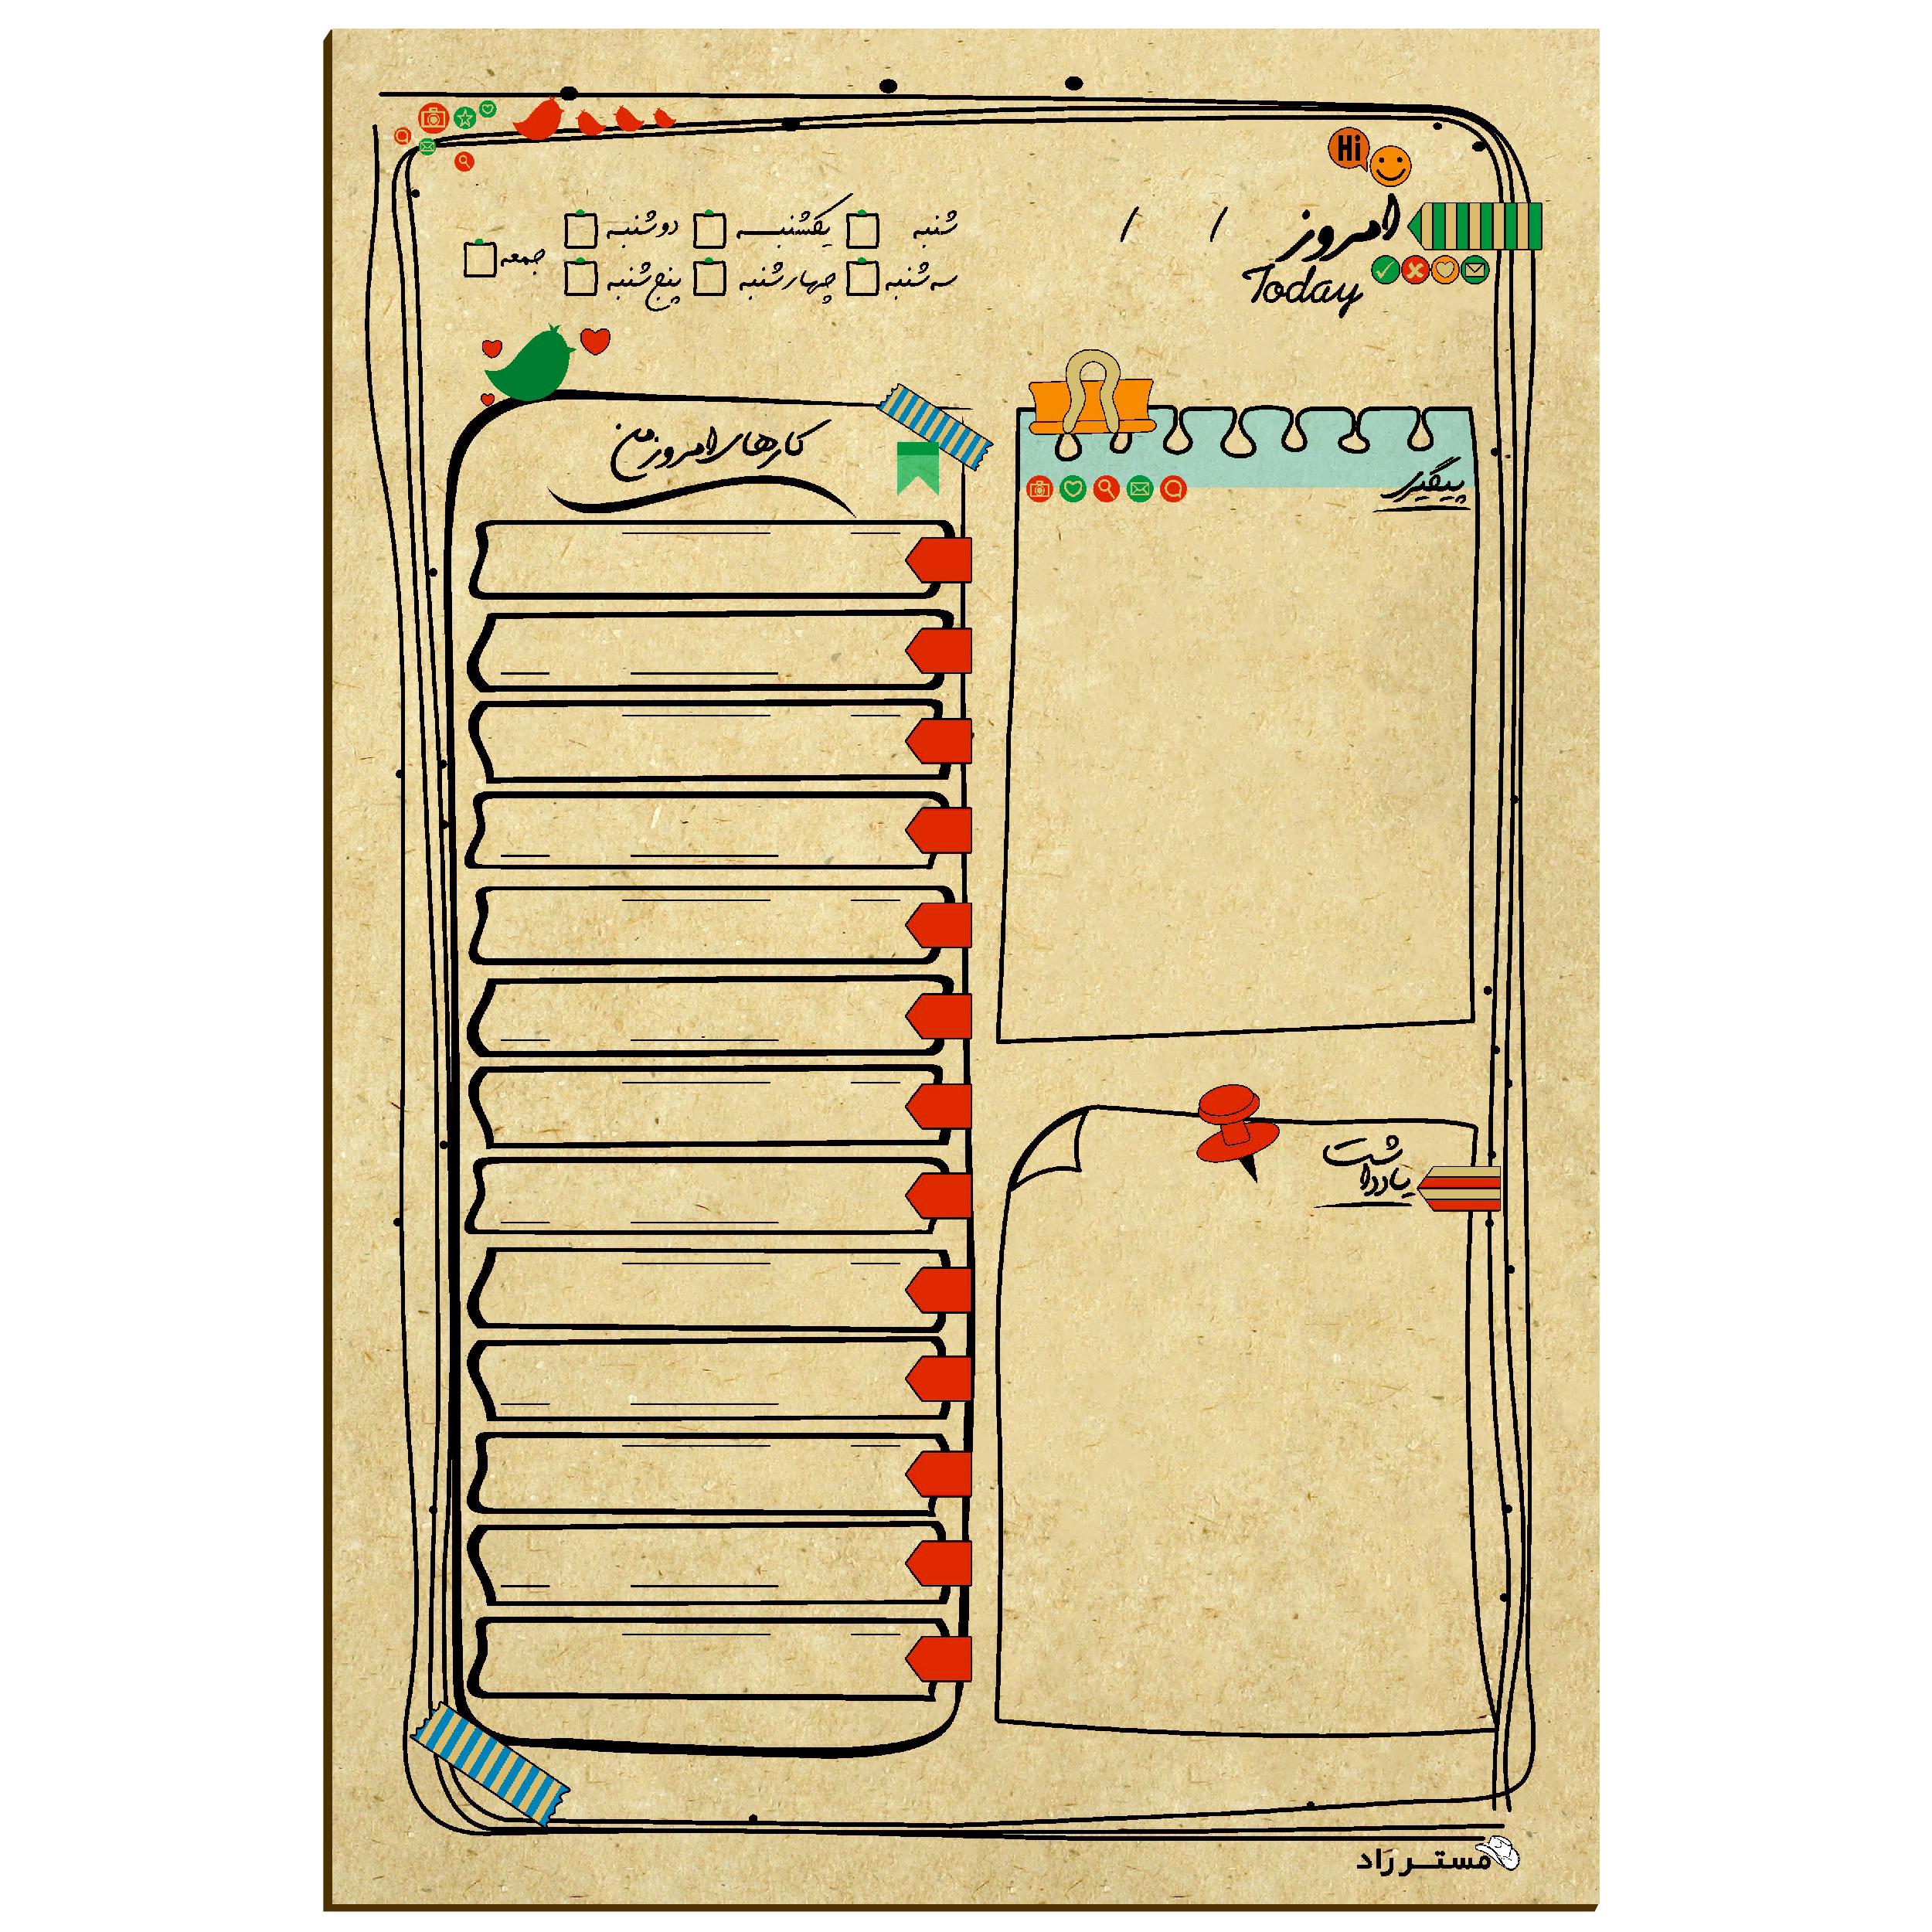 کاغذ یادداشت FG طرح کارهای امروز من کد 1404 بسته 50 عددی